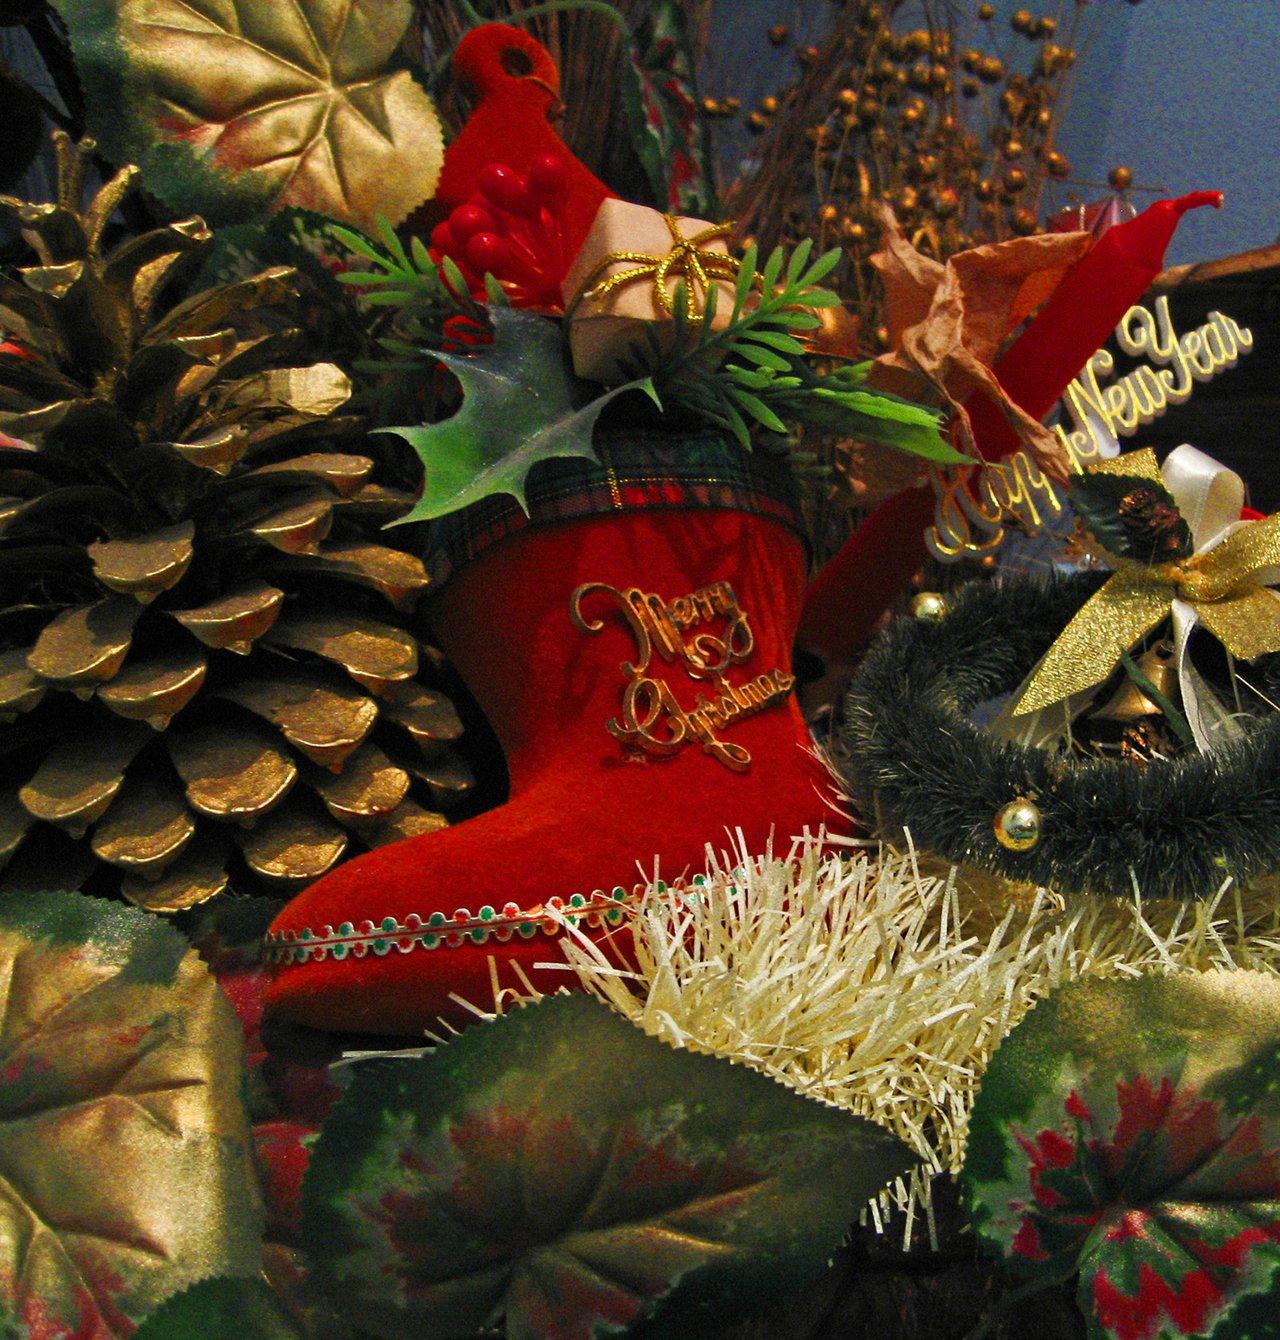 Wall baskets for Christmas